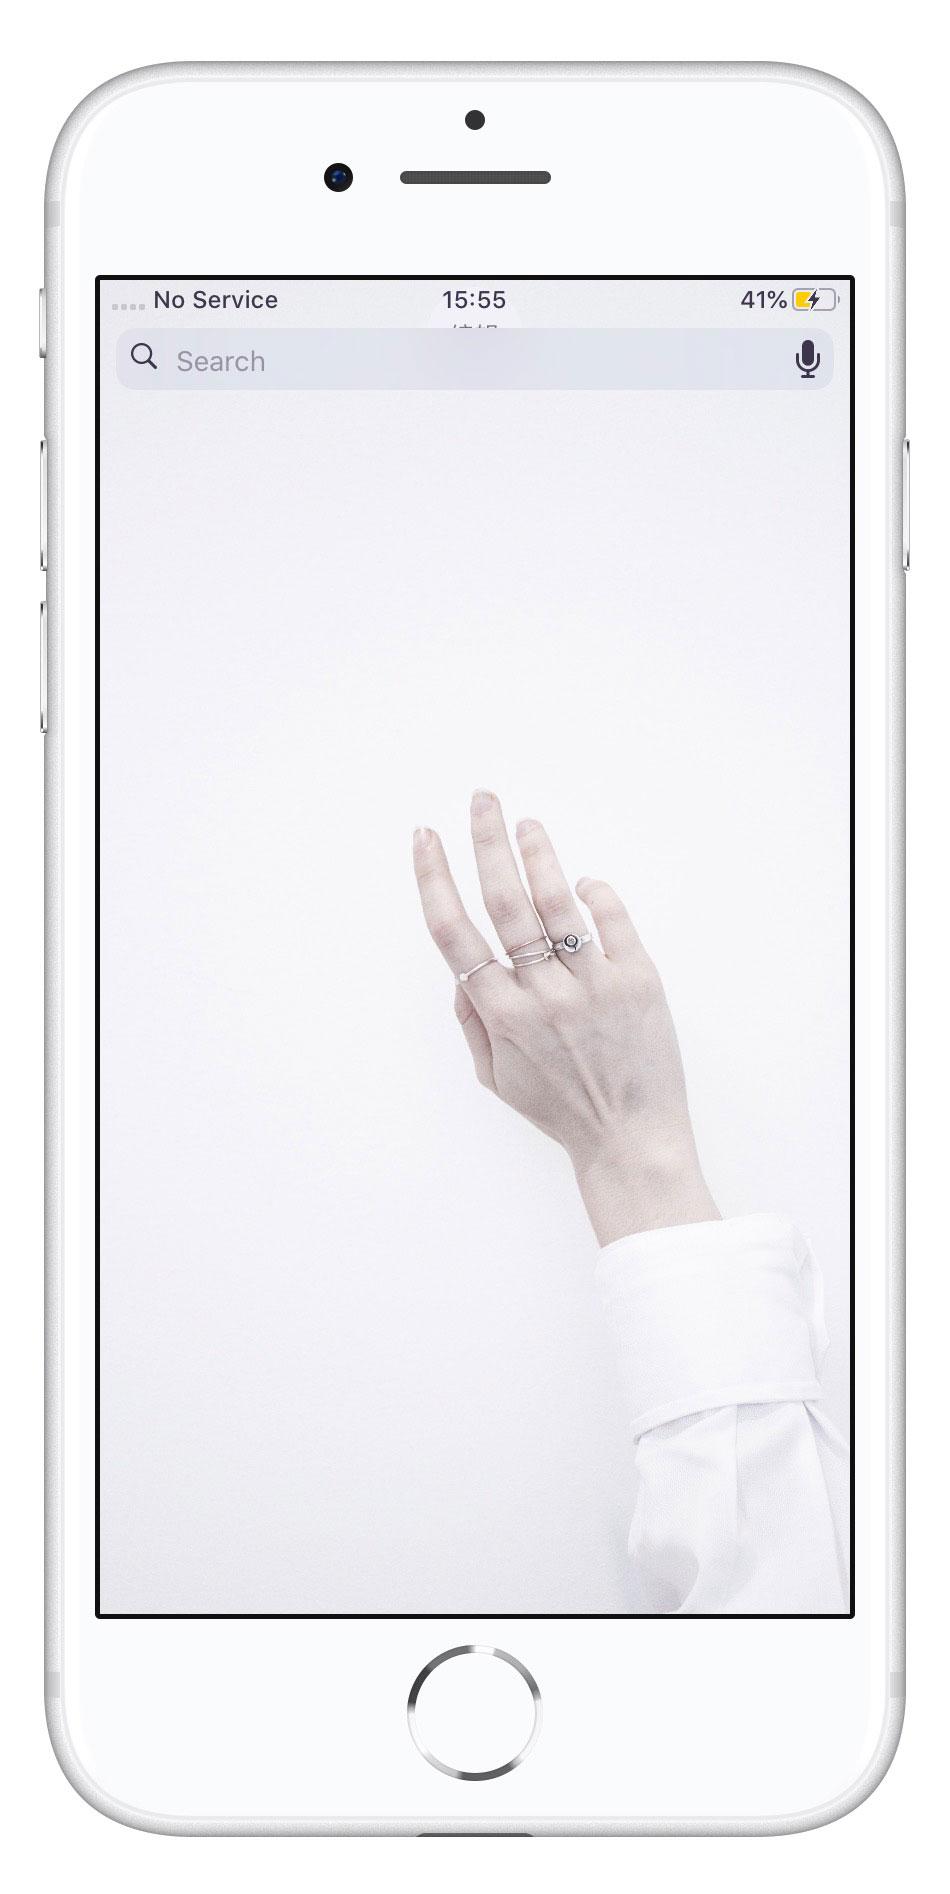 除了设置飞行模式外,iPhone 还能通过什么方法处于无服务状态?